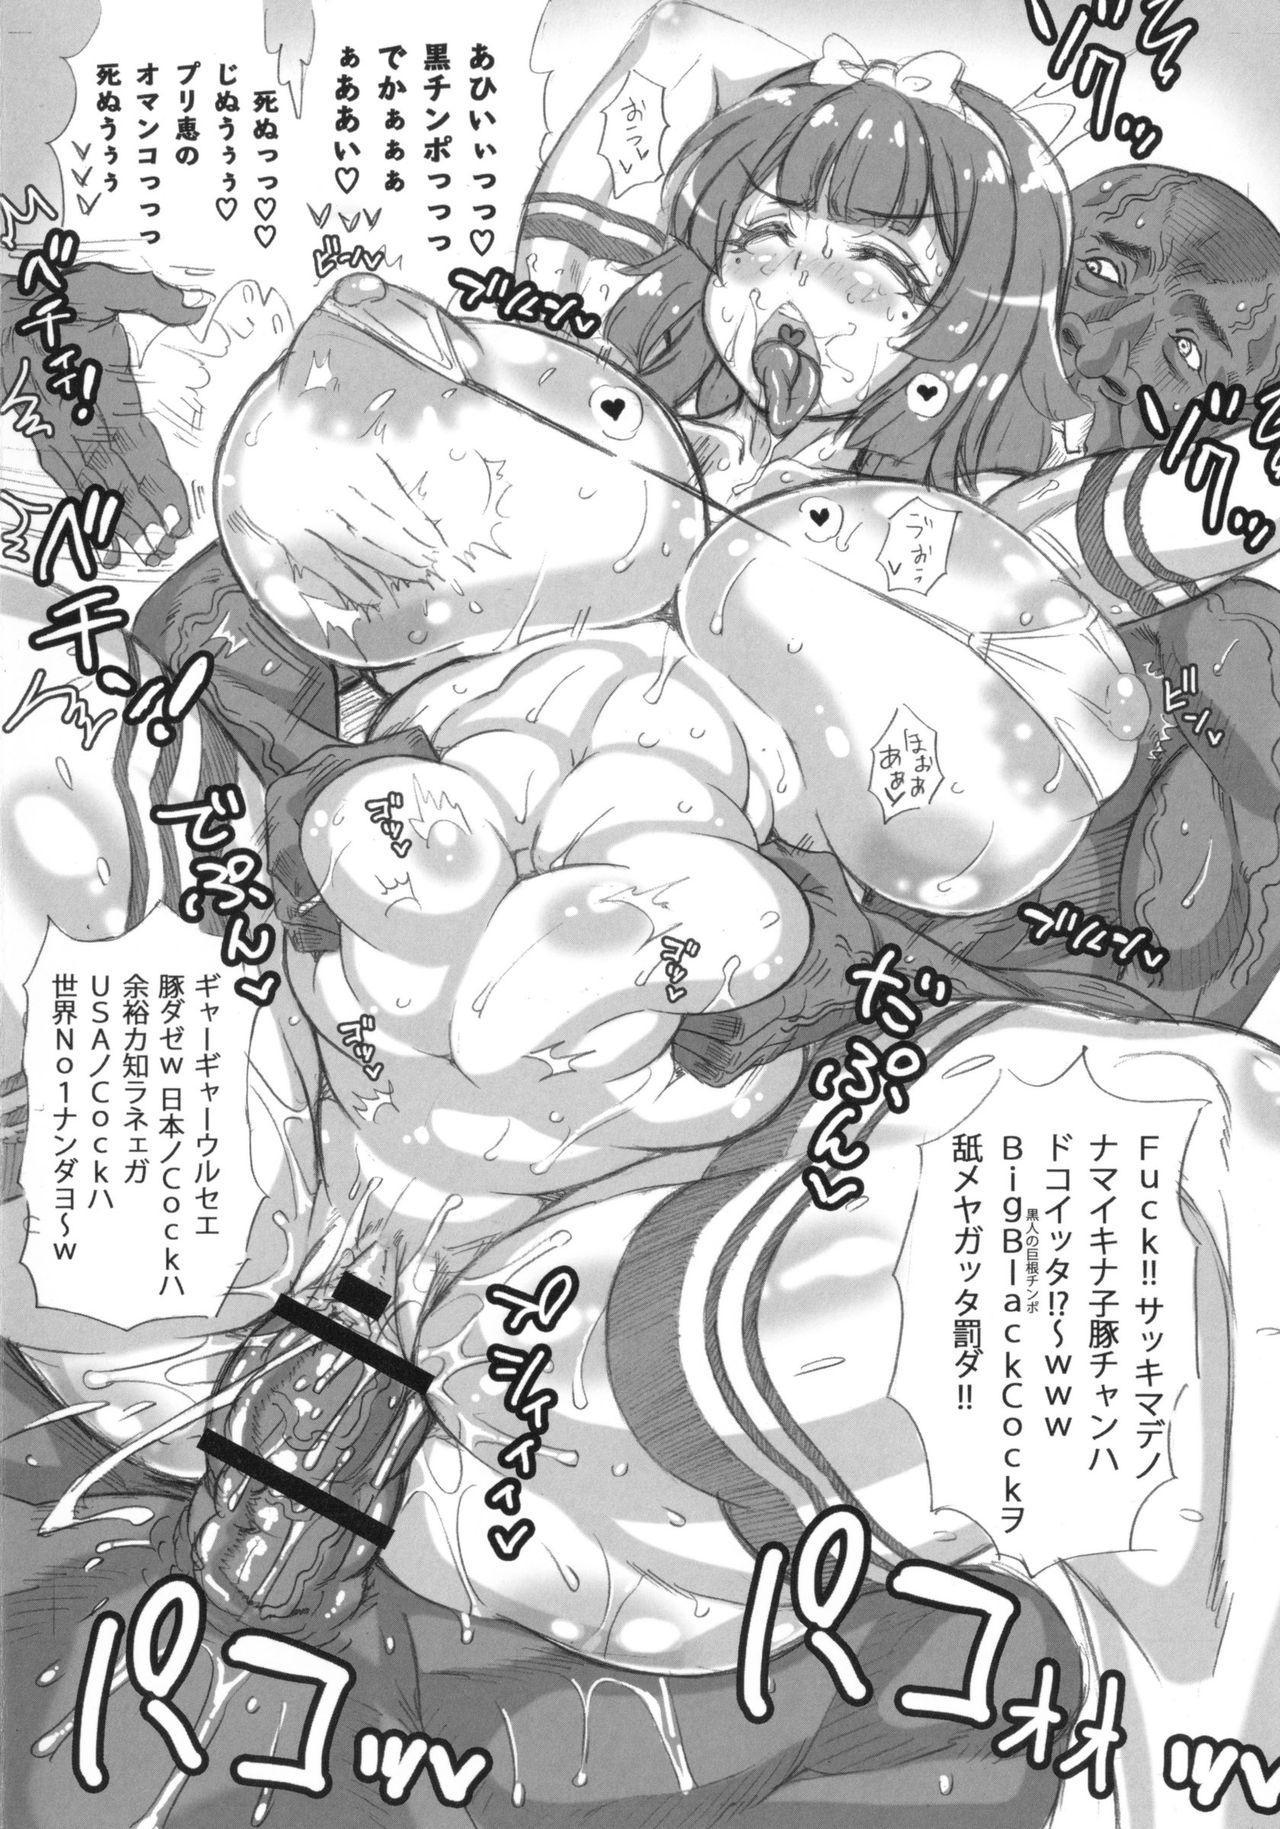 [Andou Hiroyuki] Pakopako Bitch ~Megamori! Mashimashi! Dosukebe Niku~ + Toranoana Leaflet 184